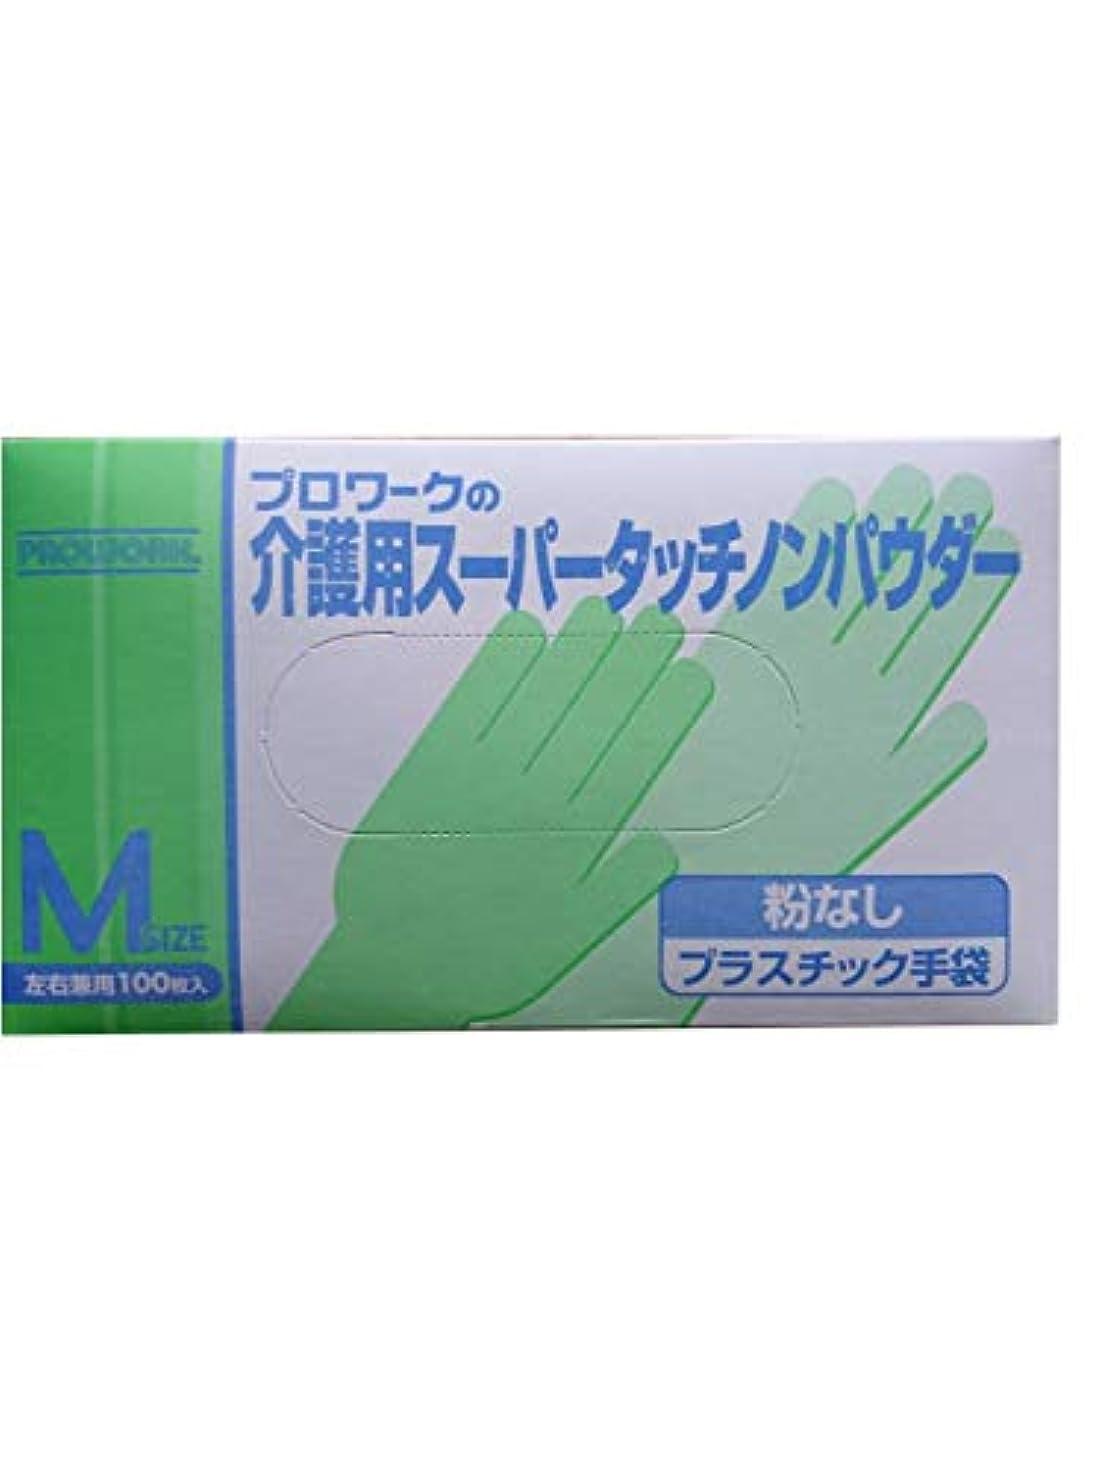 綺麗なそうでなければ嘆く介護用スーパータッチノンパウダー プラスチック手袋 粉なし Mサイズ 左右兼用100枚入